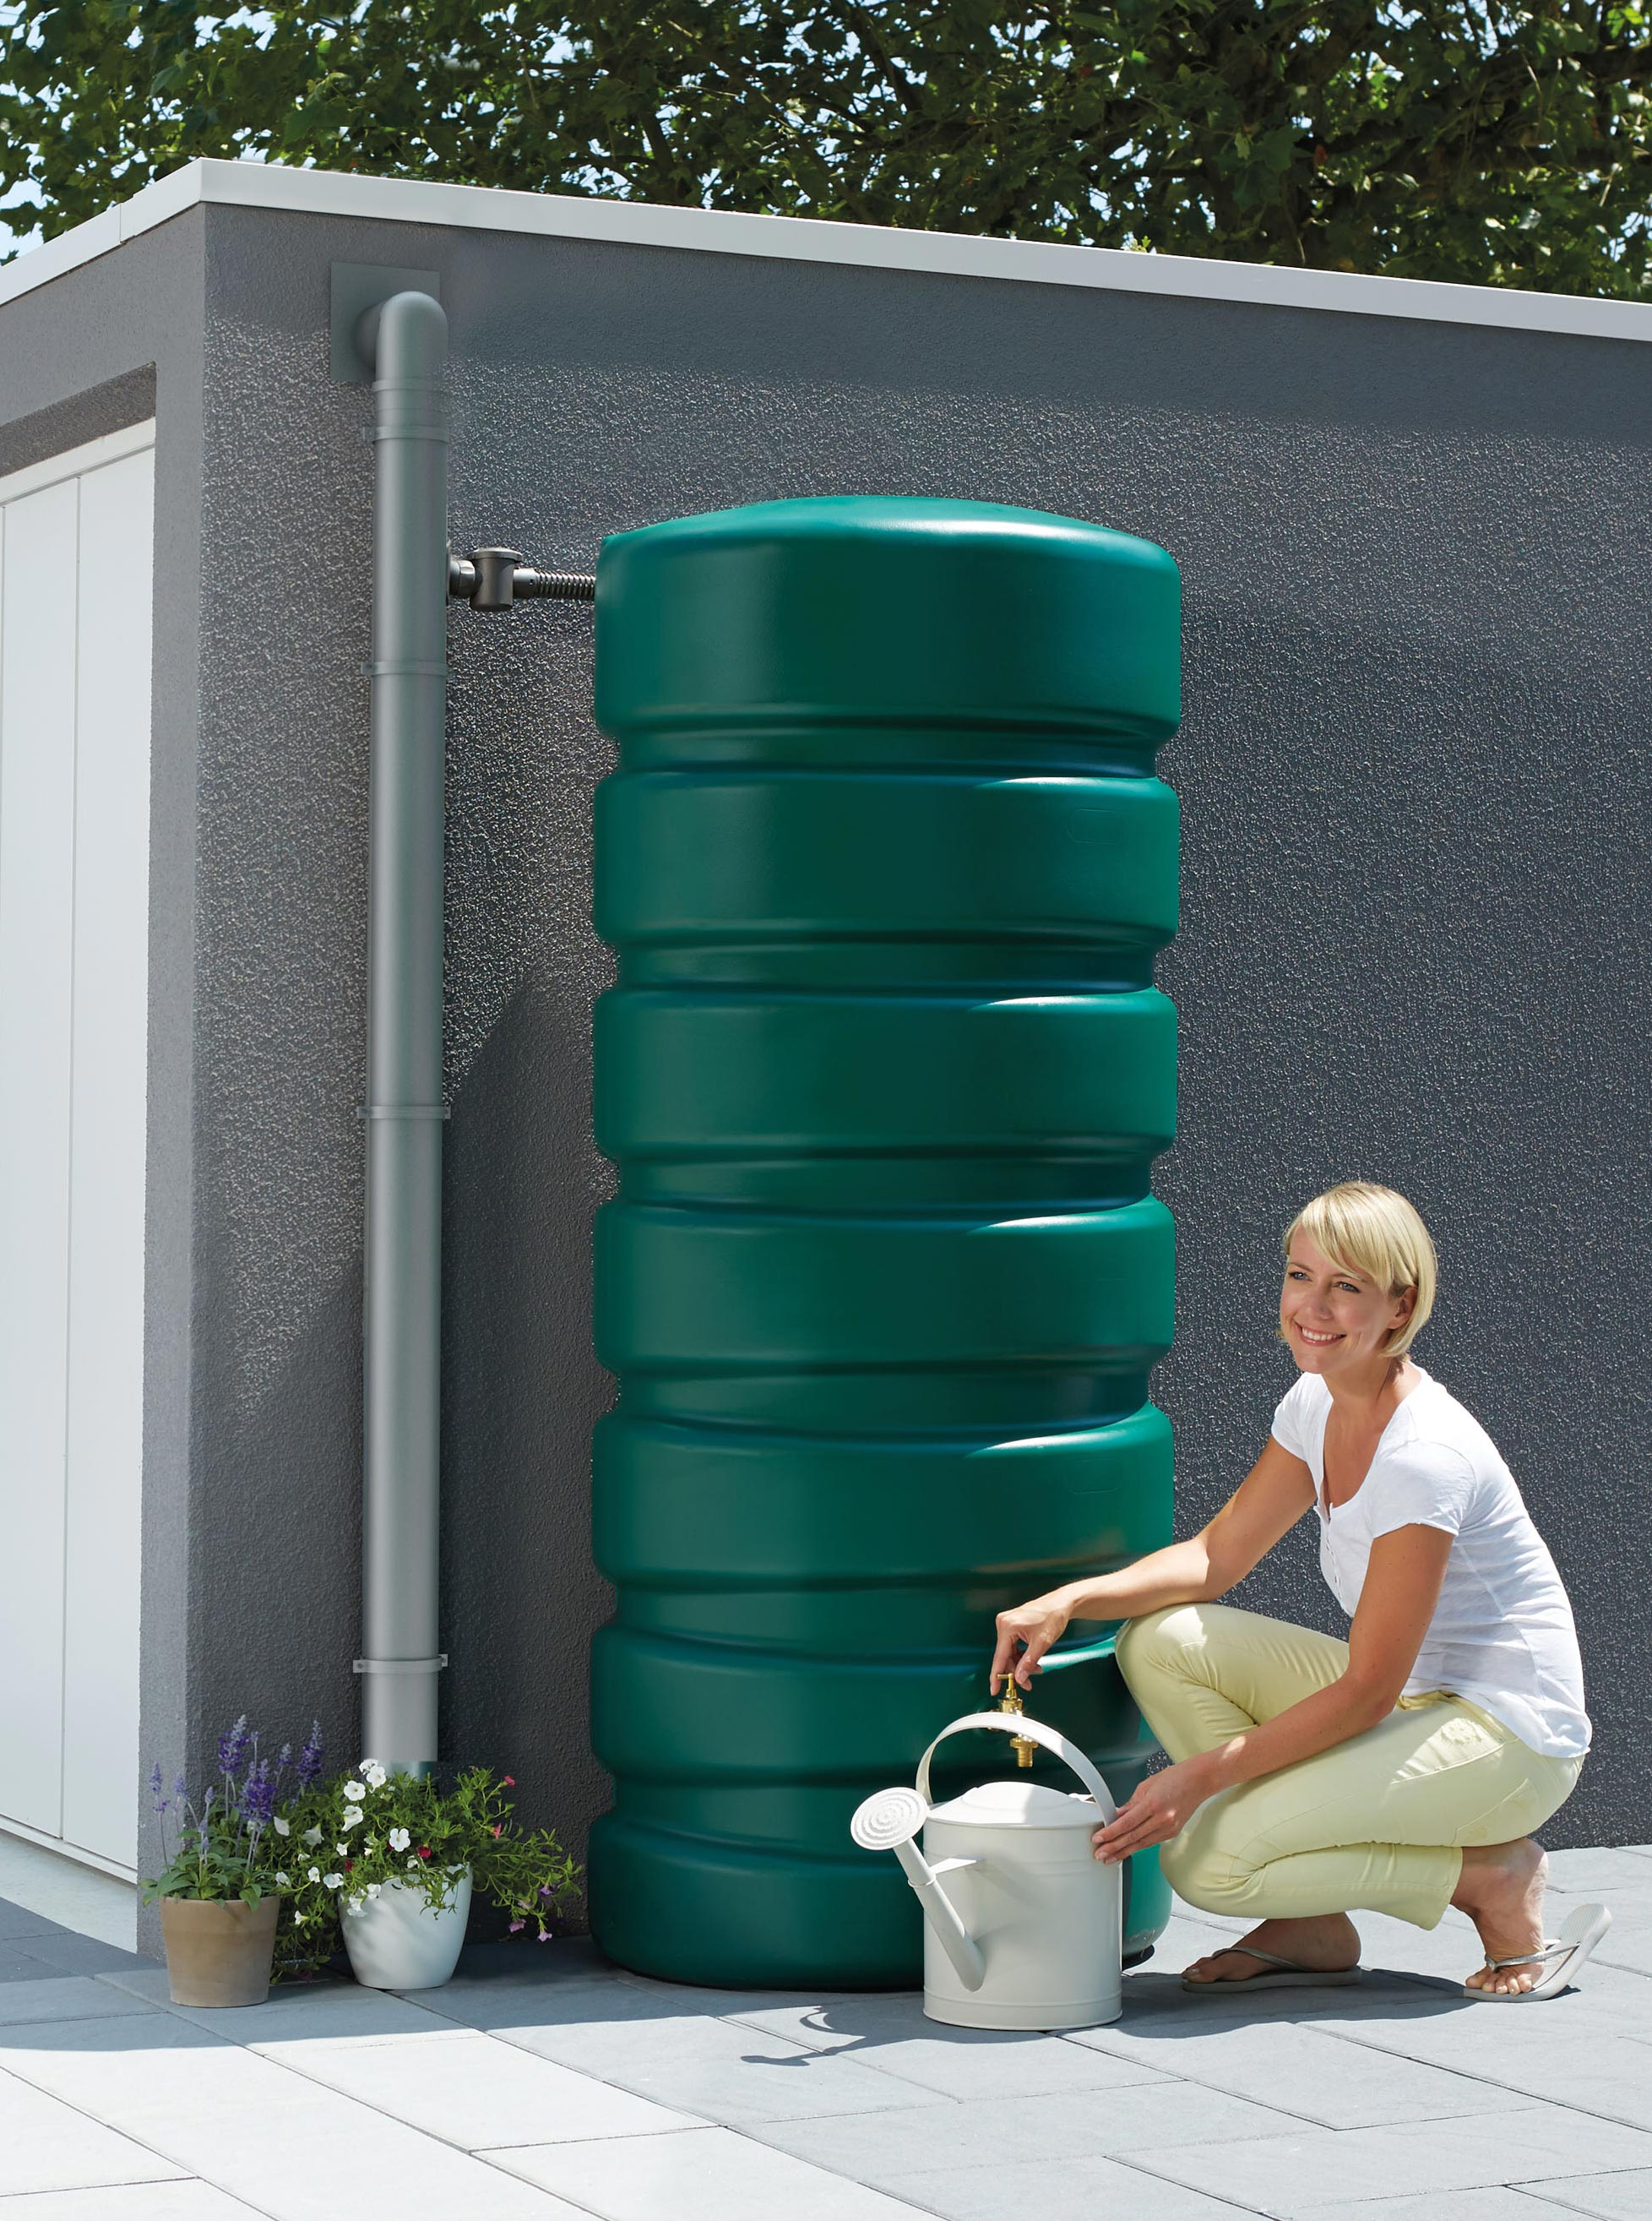 Regenwassertank Classico 650 Liter grün GRAF 326030 Bild 2